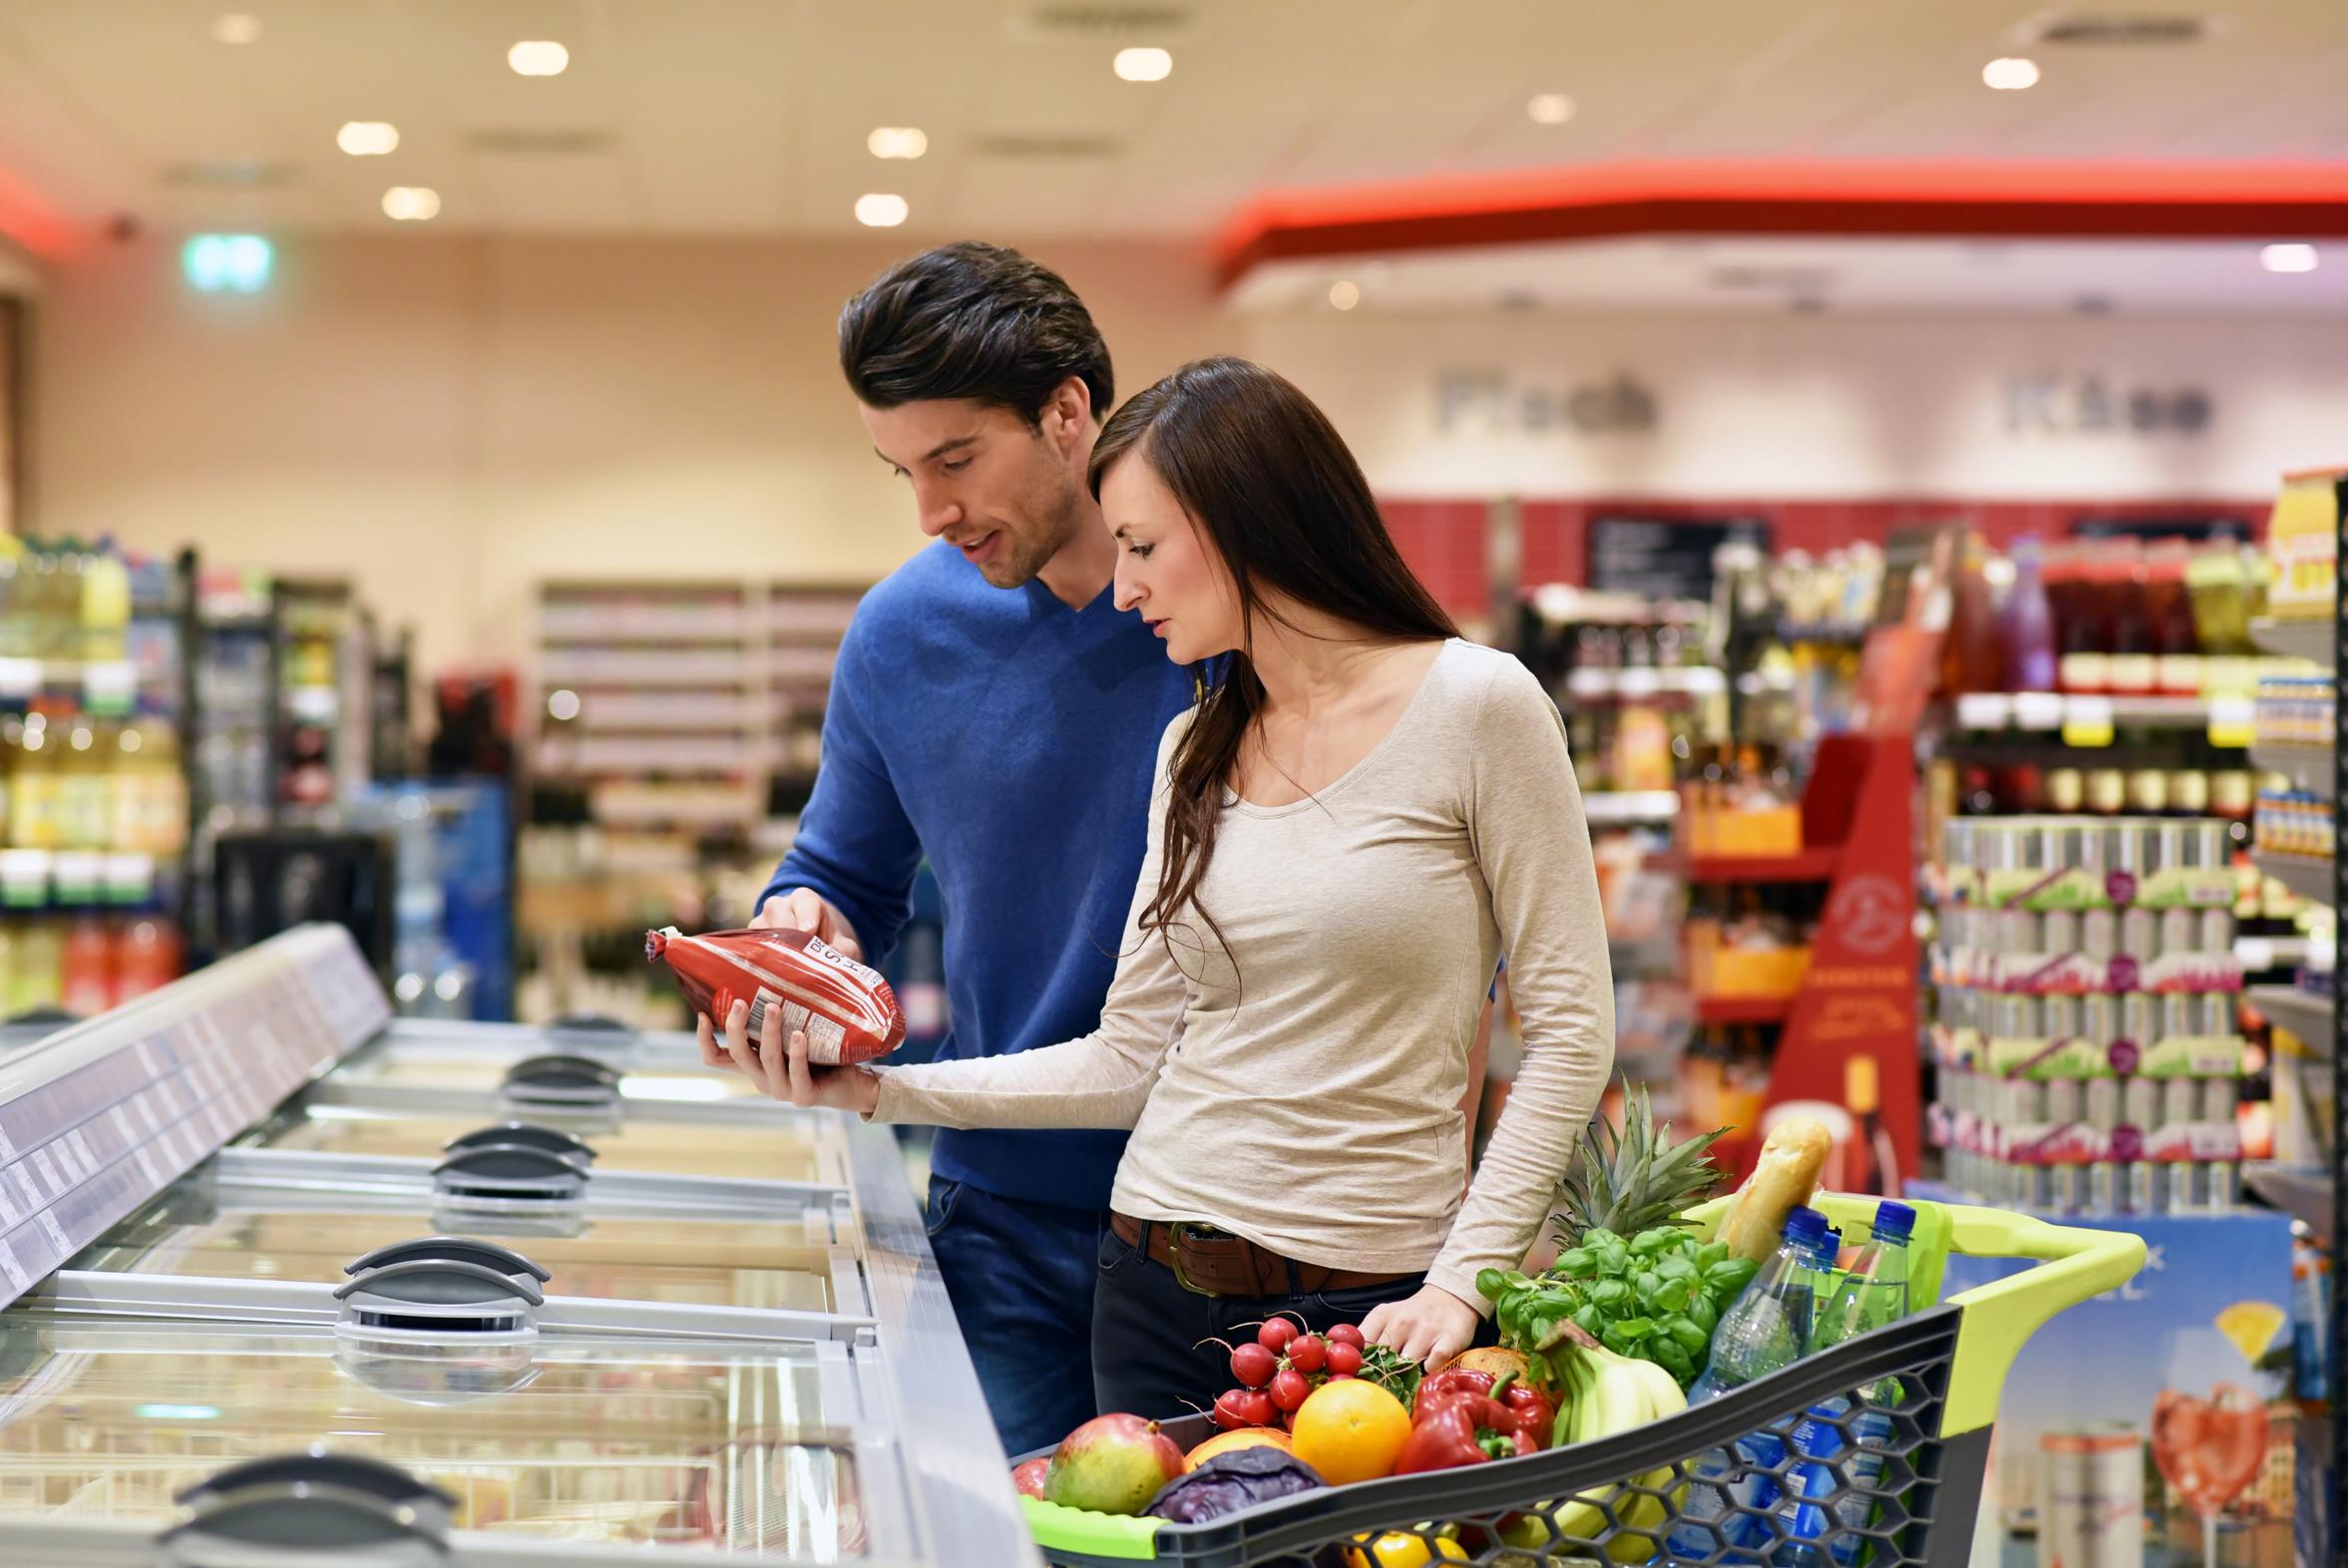 Ein junges Paar beim Einkaufen im Supermarkt